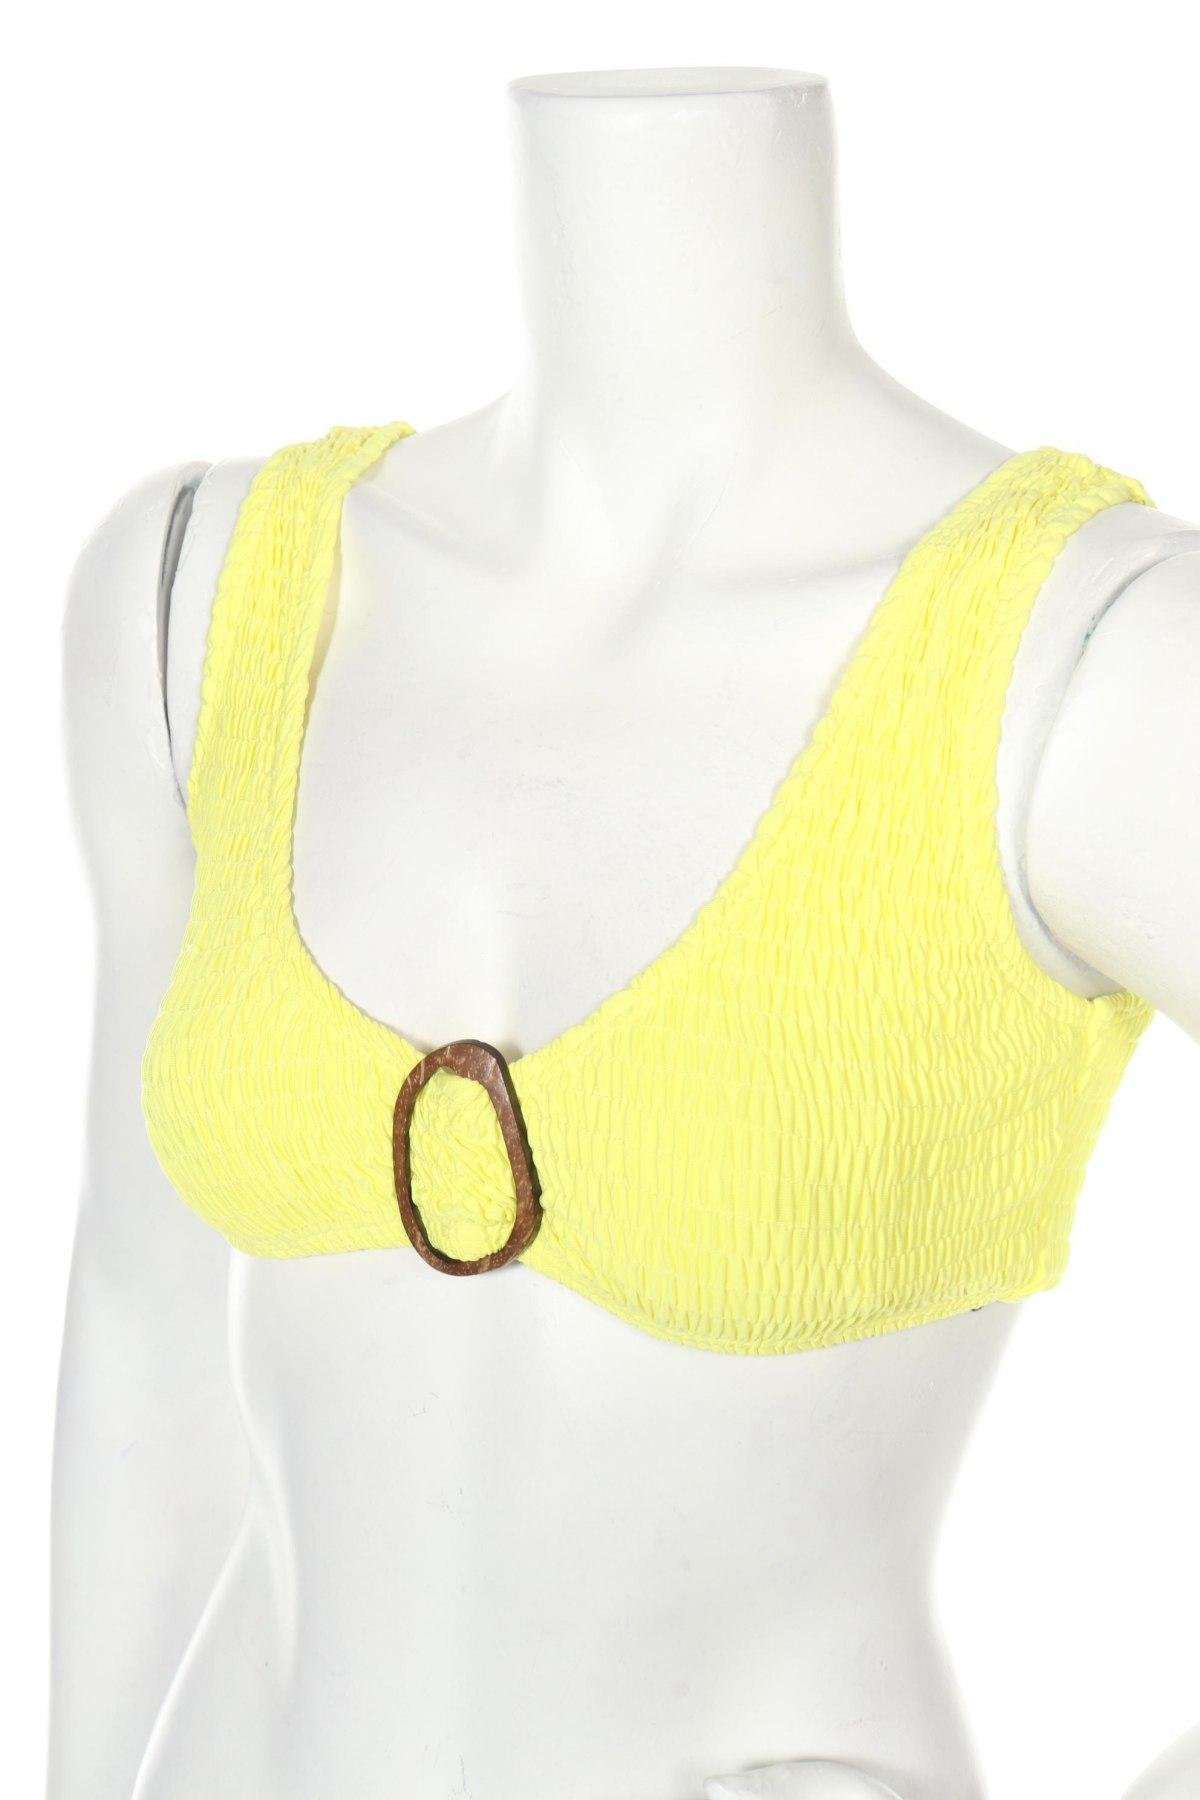 Дамски бански Missguided, Размер S, Цвят Жълт, 93% полиестер, 7% еластан, Цена 24,00лв.